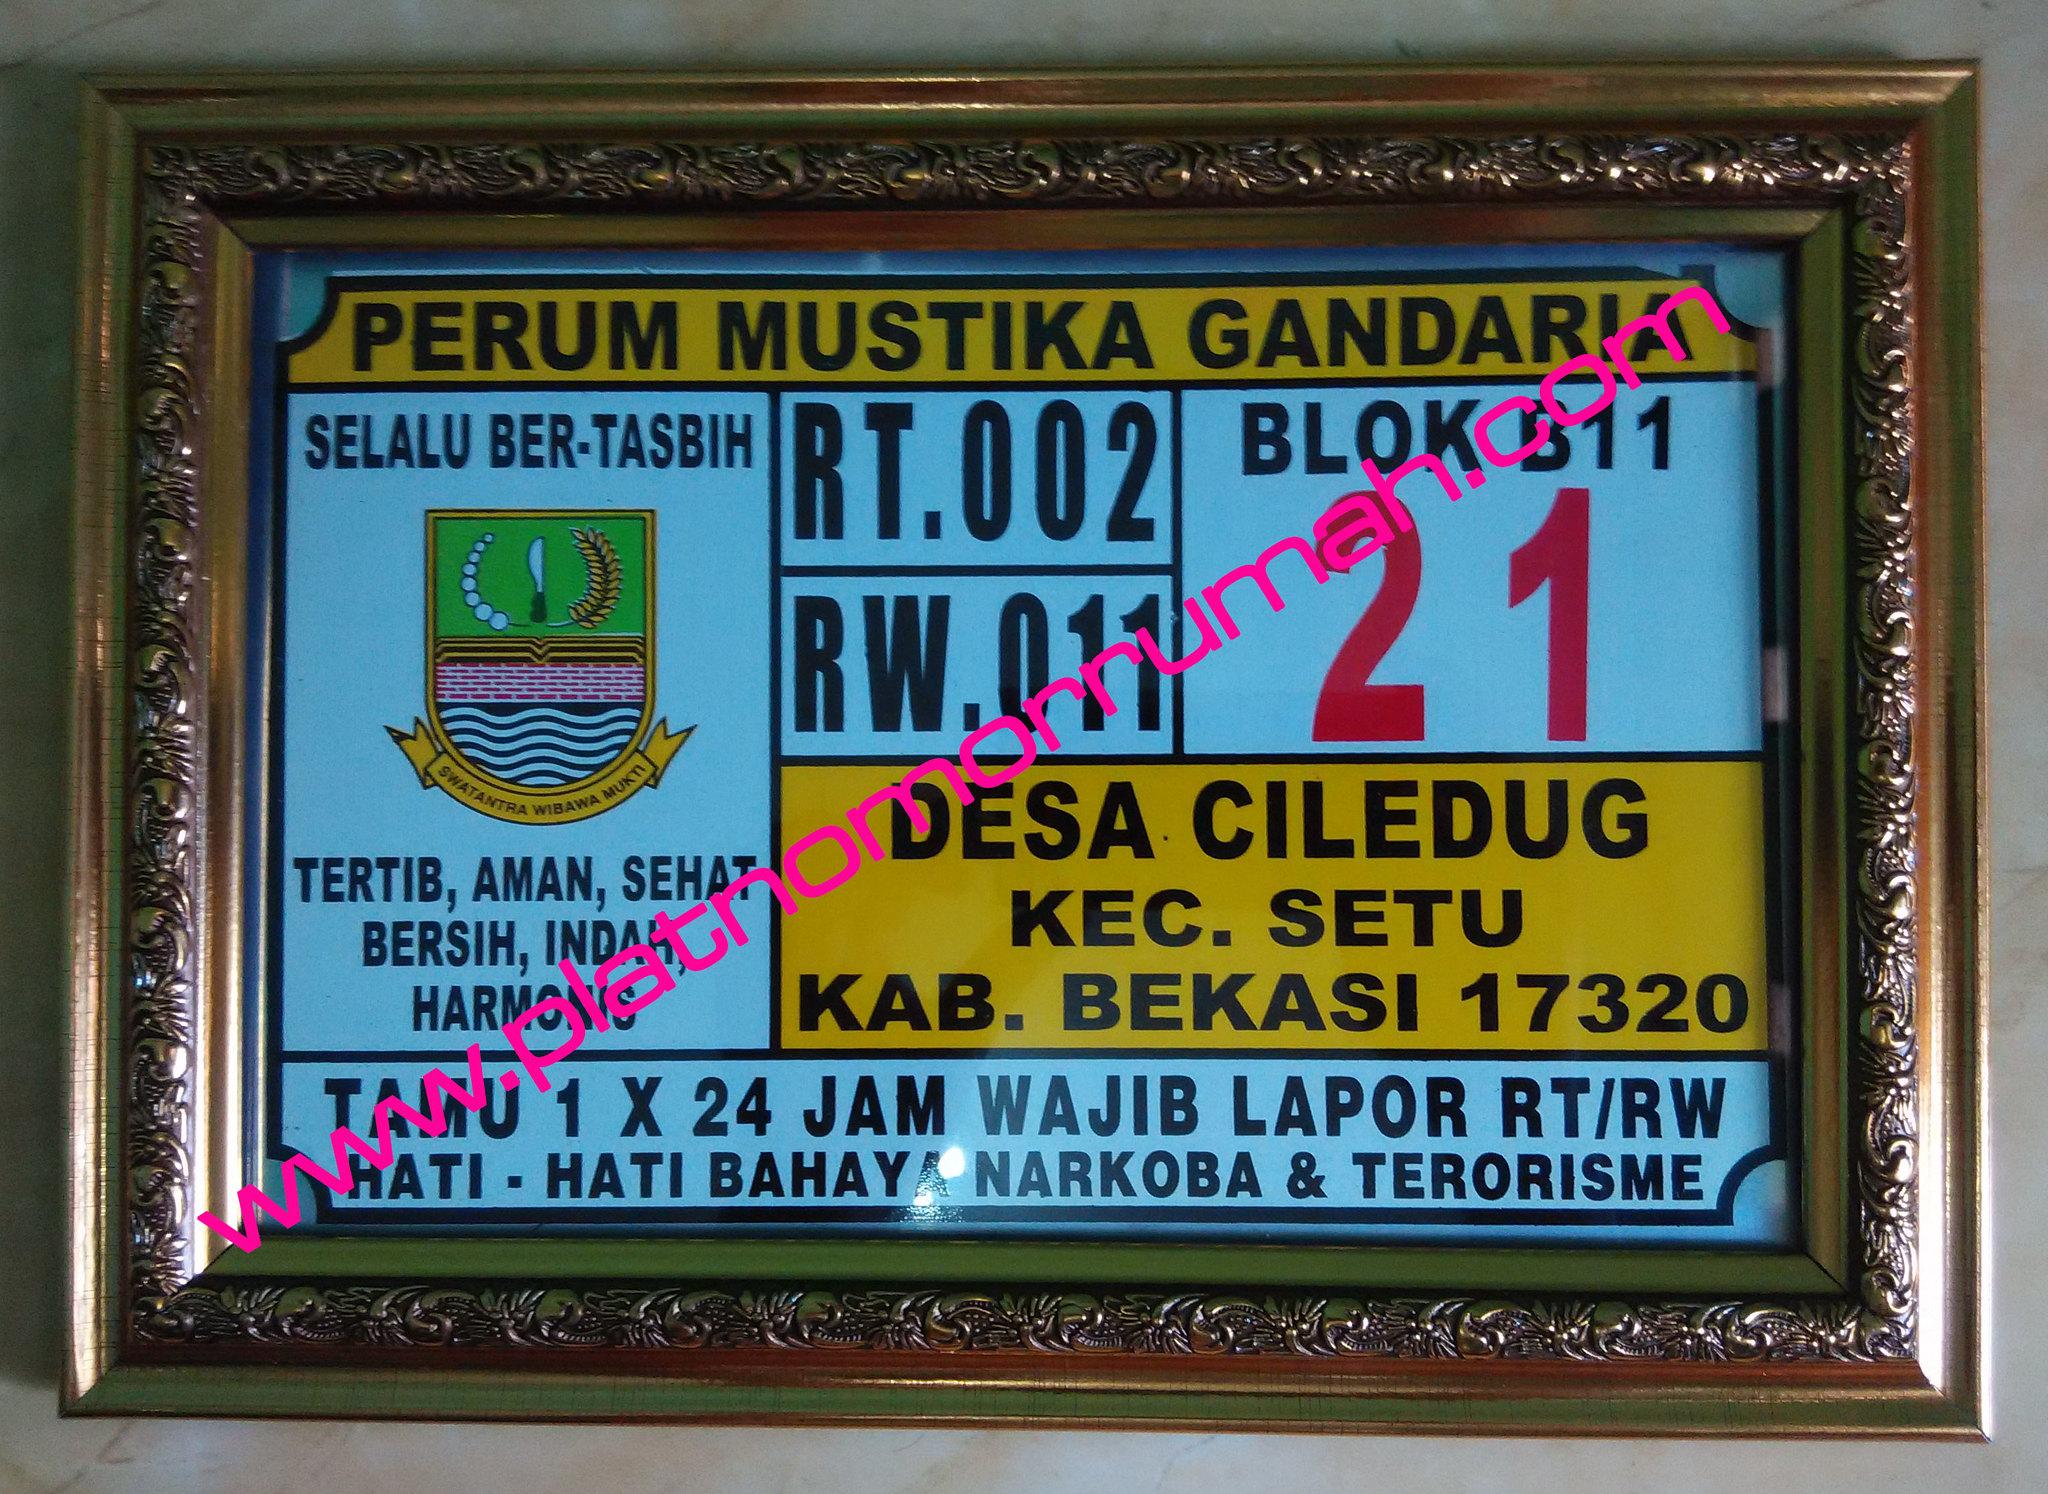 Plat Nomor Rumah Gandaria